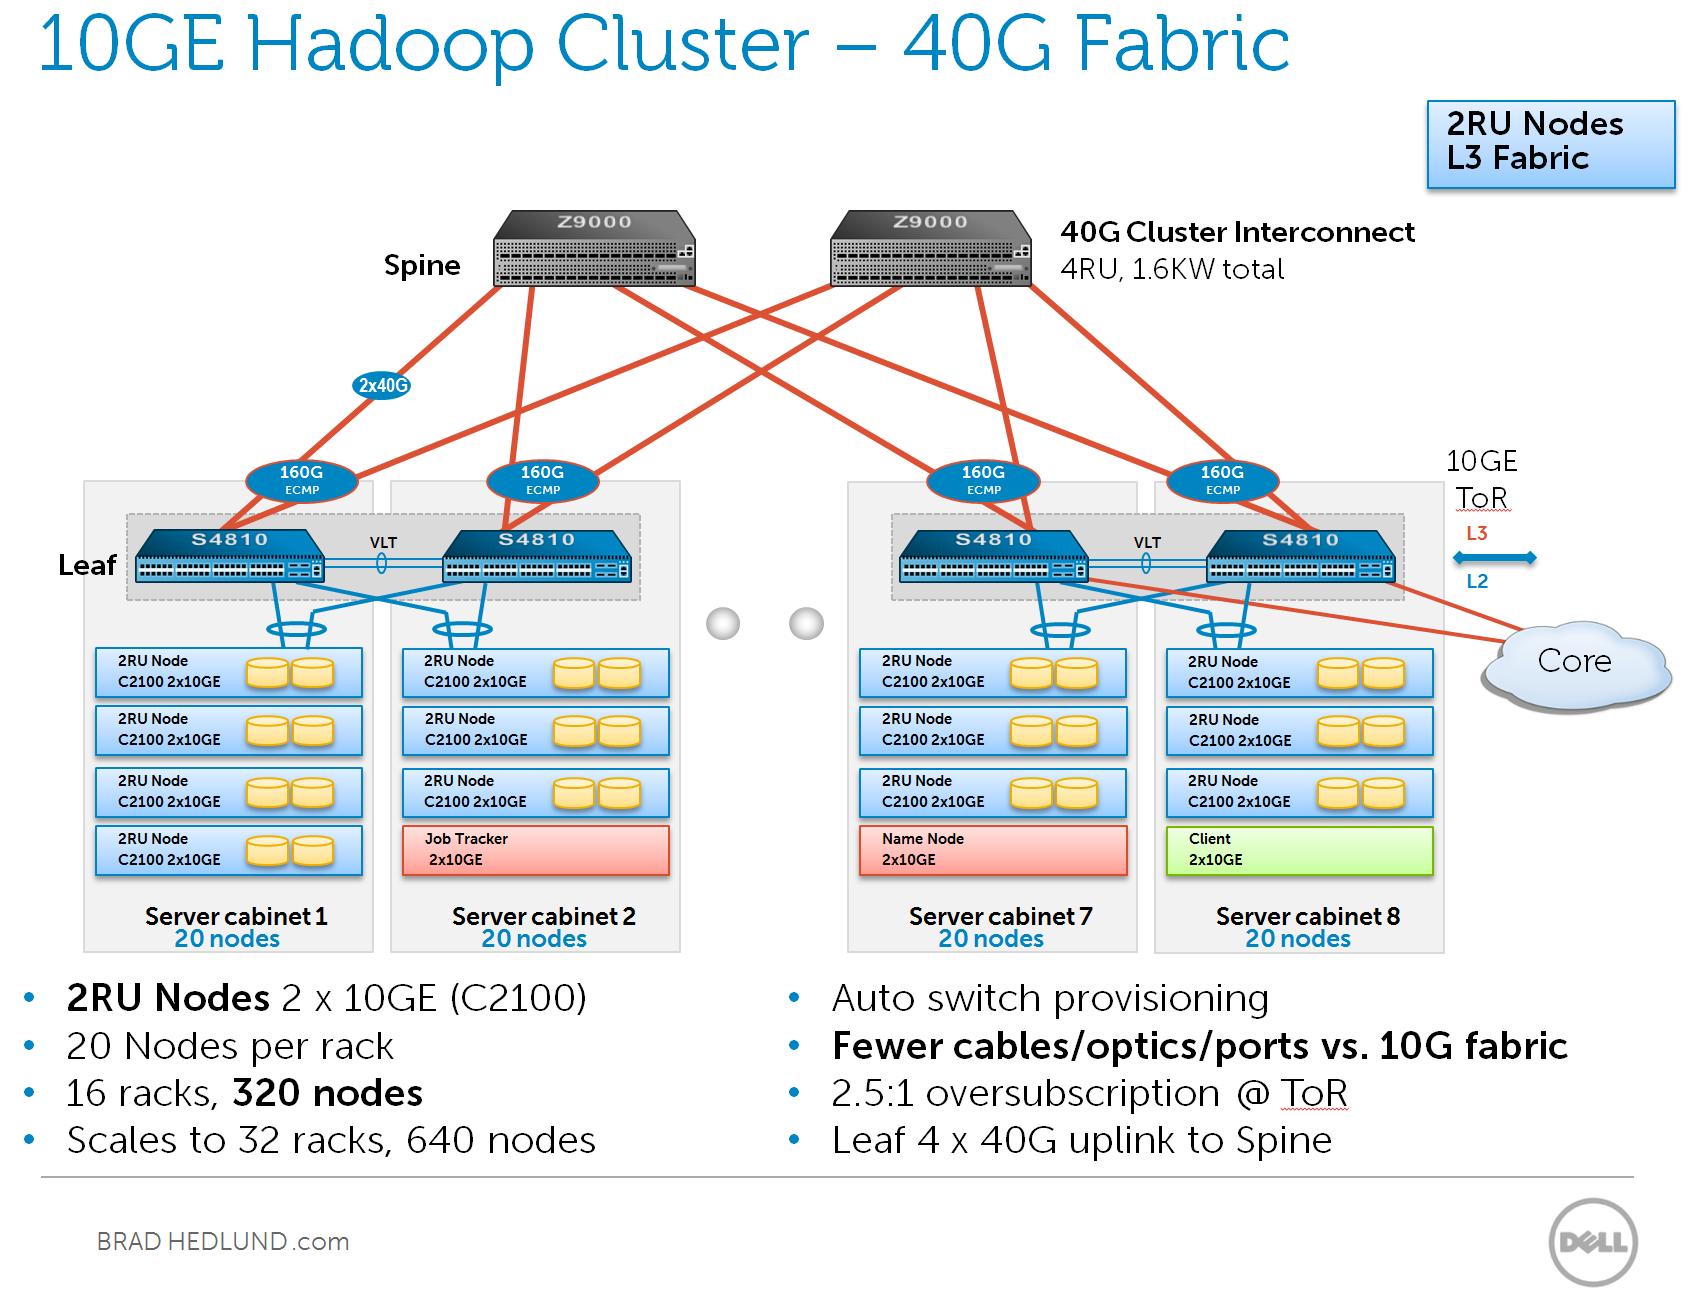 10GE Hadoop 40G fabric 320 2RU nodes